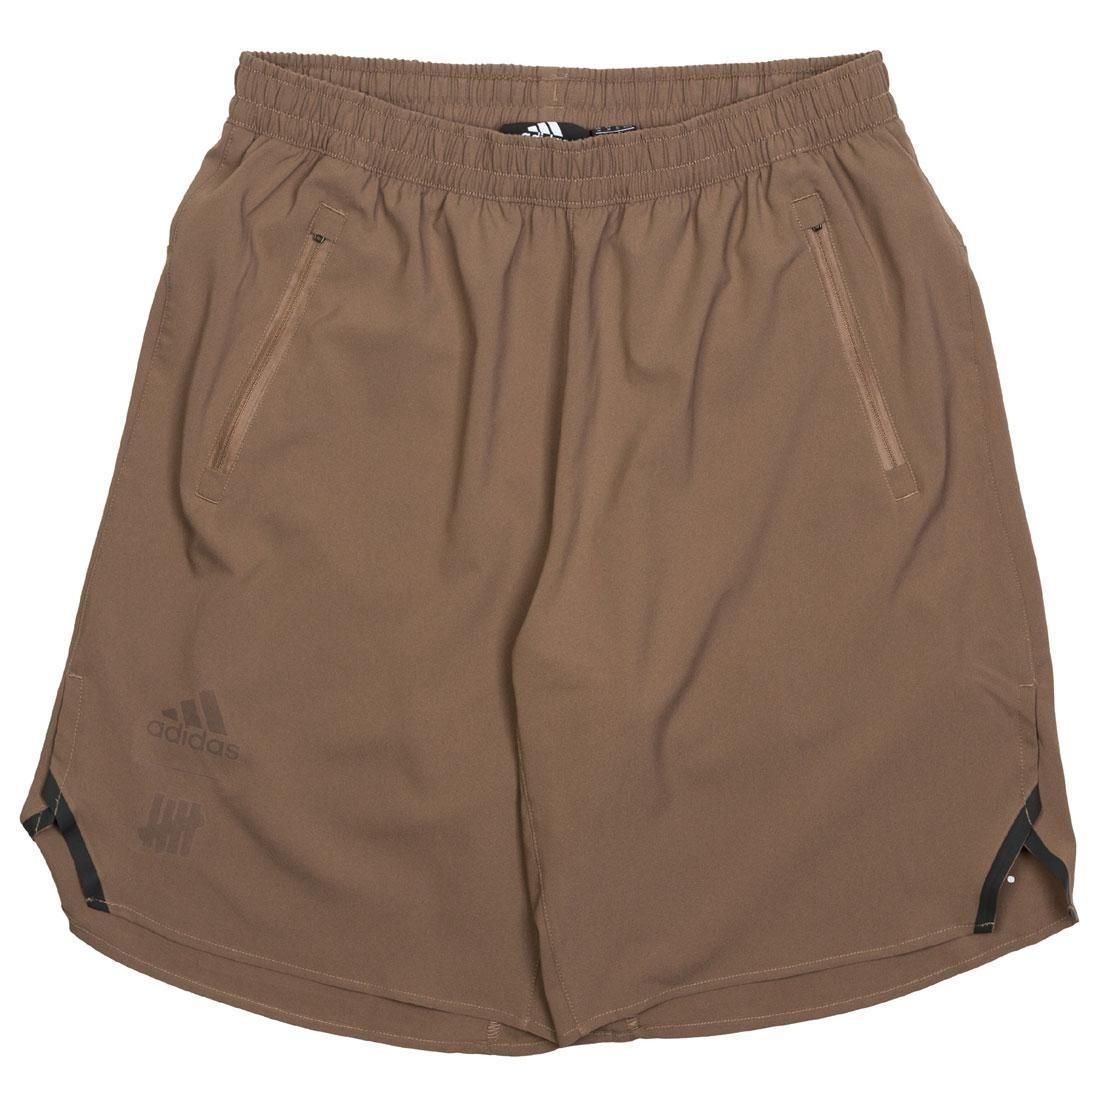 Adidas x Undefeated Men Ultra Energy Shorts (khaki / base khaki)